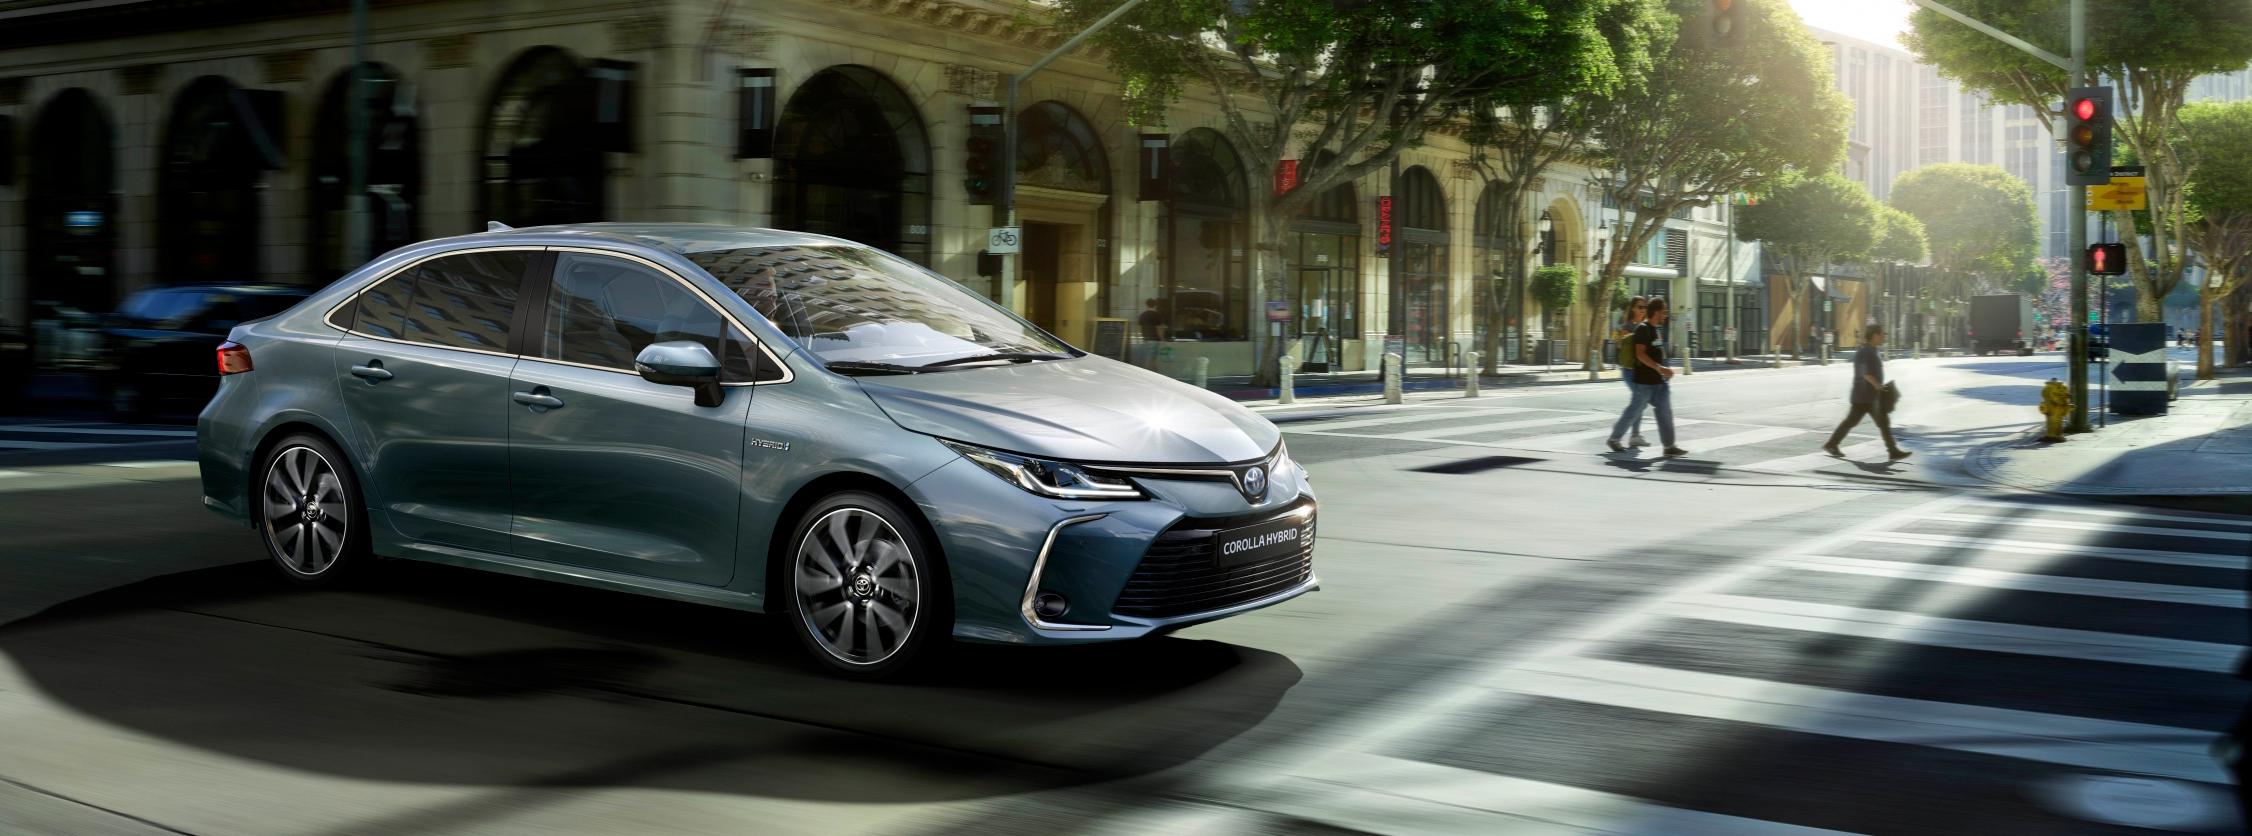 Toyota Corolla Sedan Electric Hybrid nuevos equipamientos